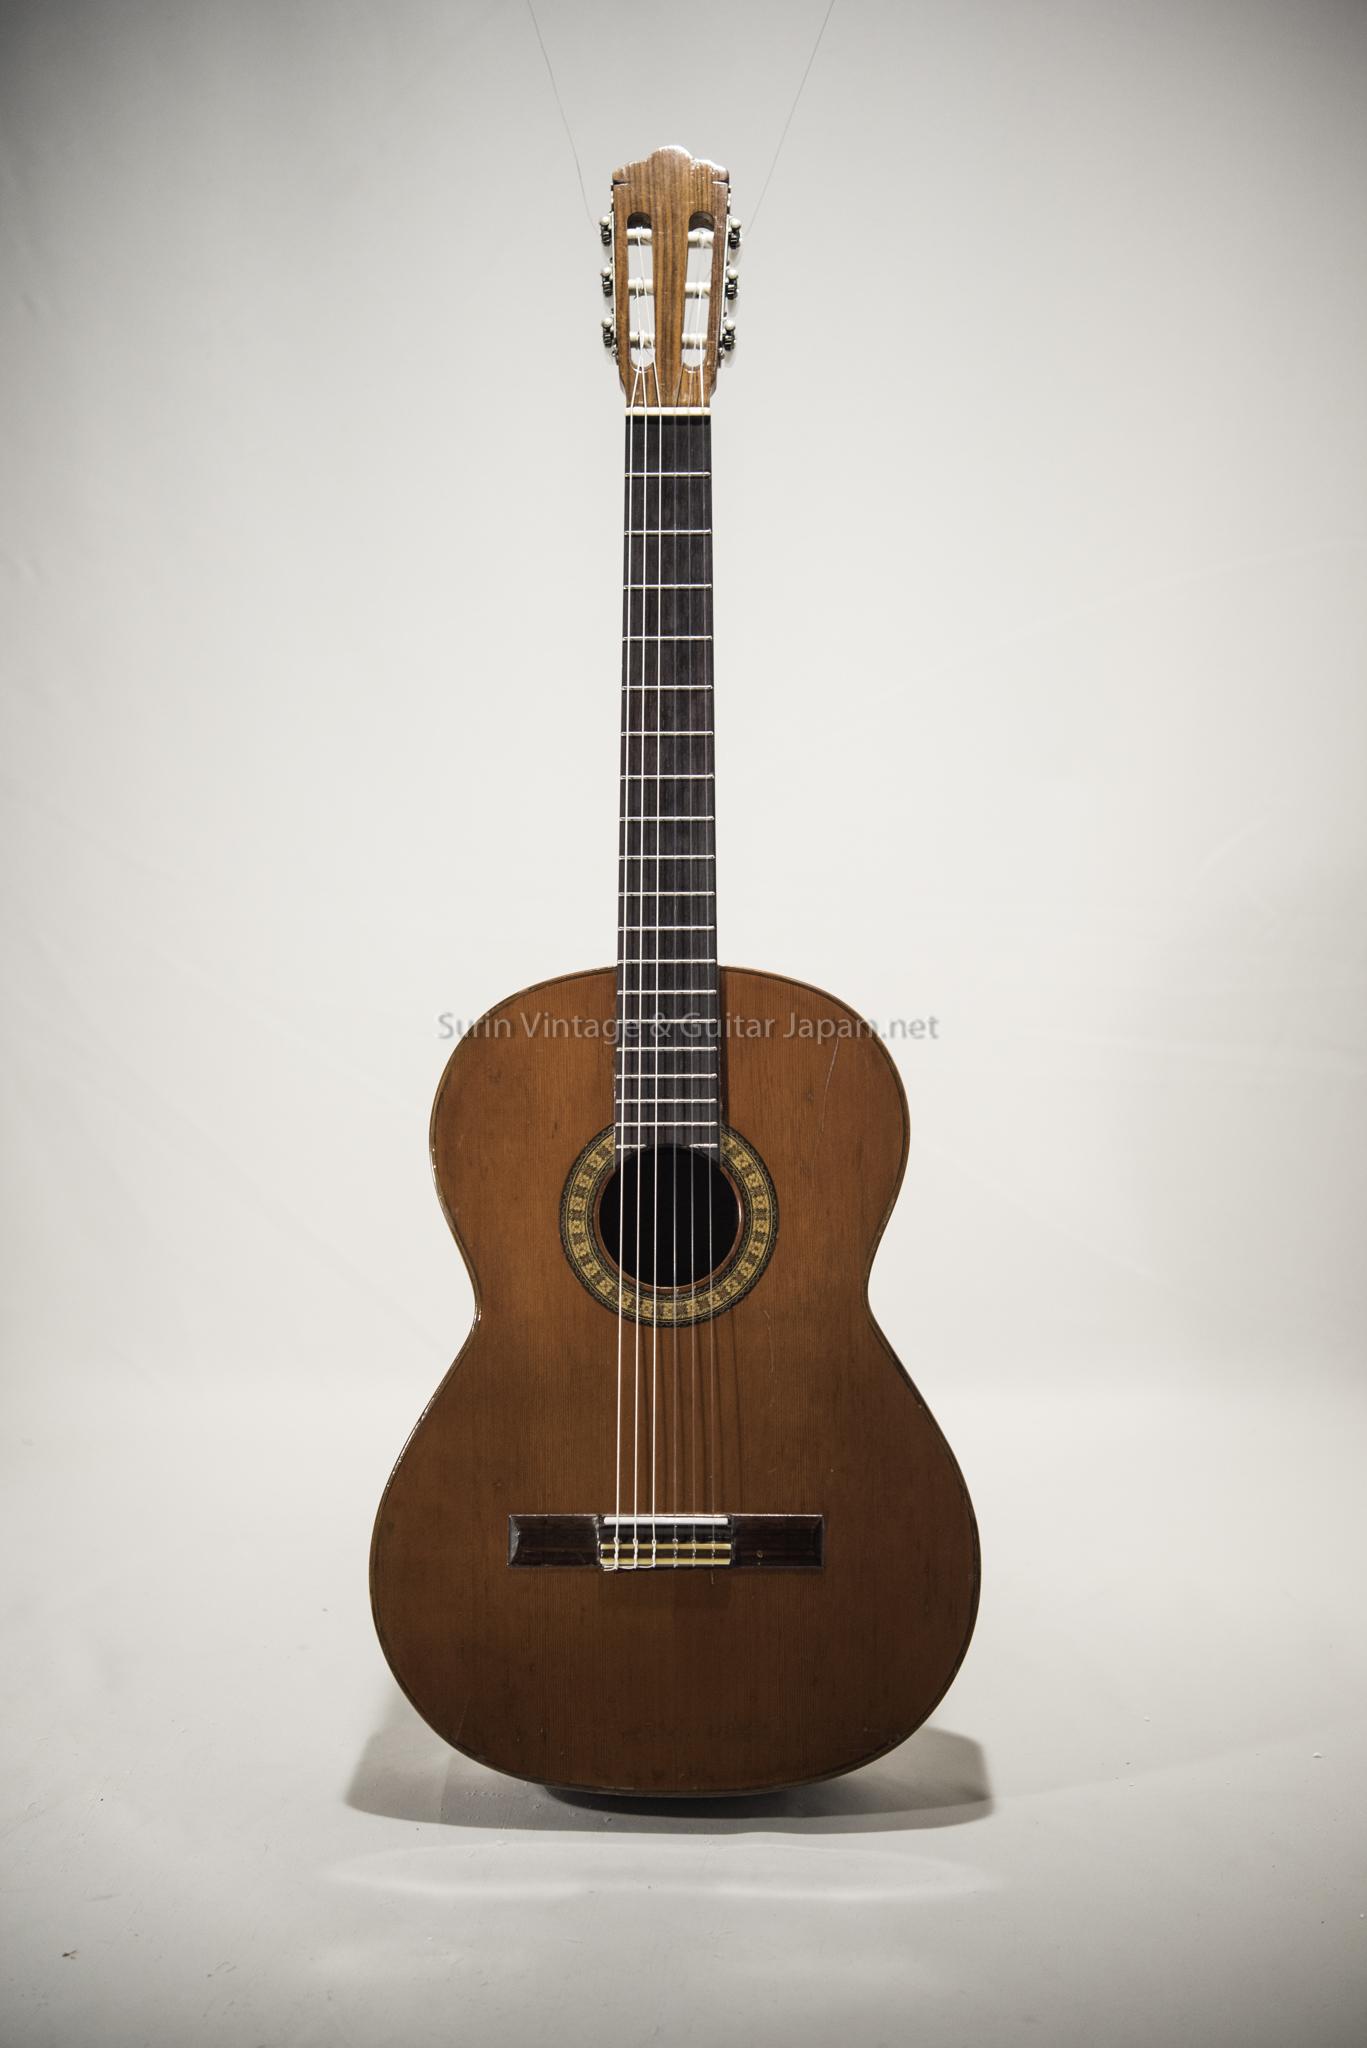 กีต้าร์คลาสสิคมือสอง Classic Guitar Vintage japan No.4